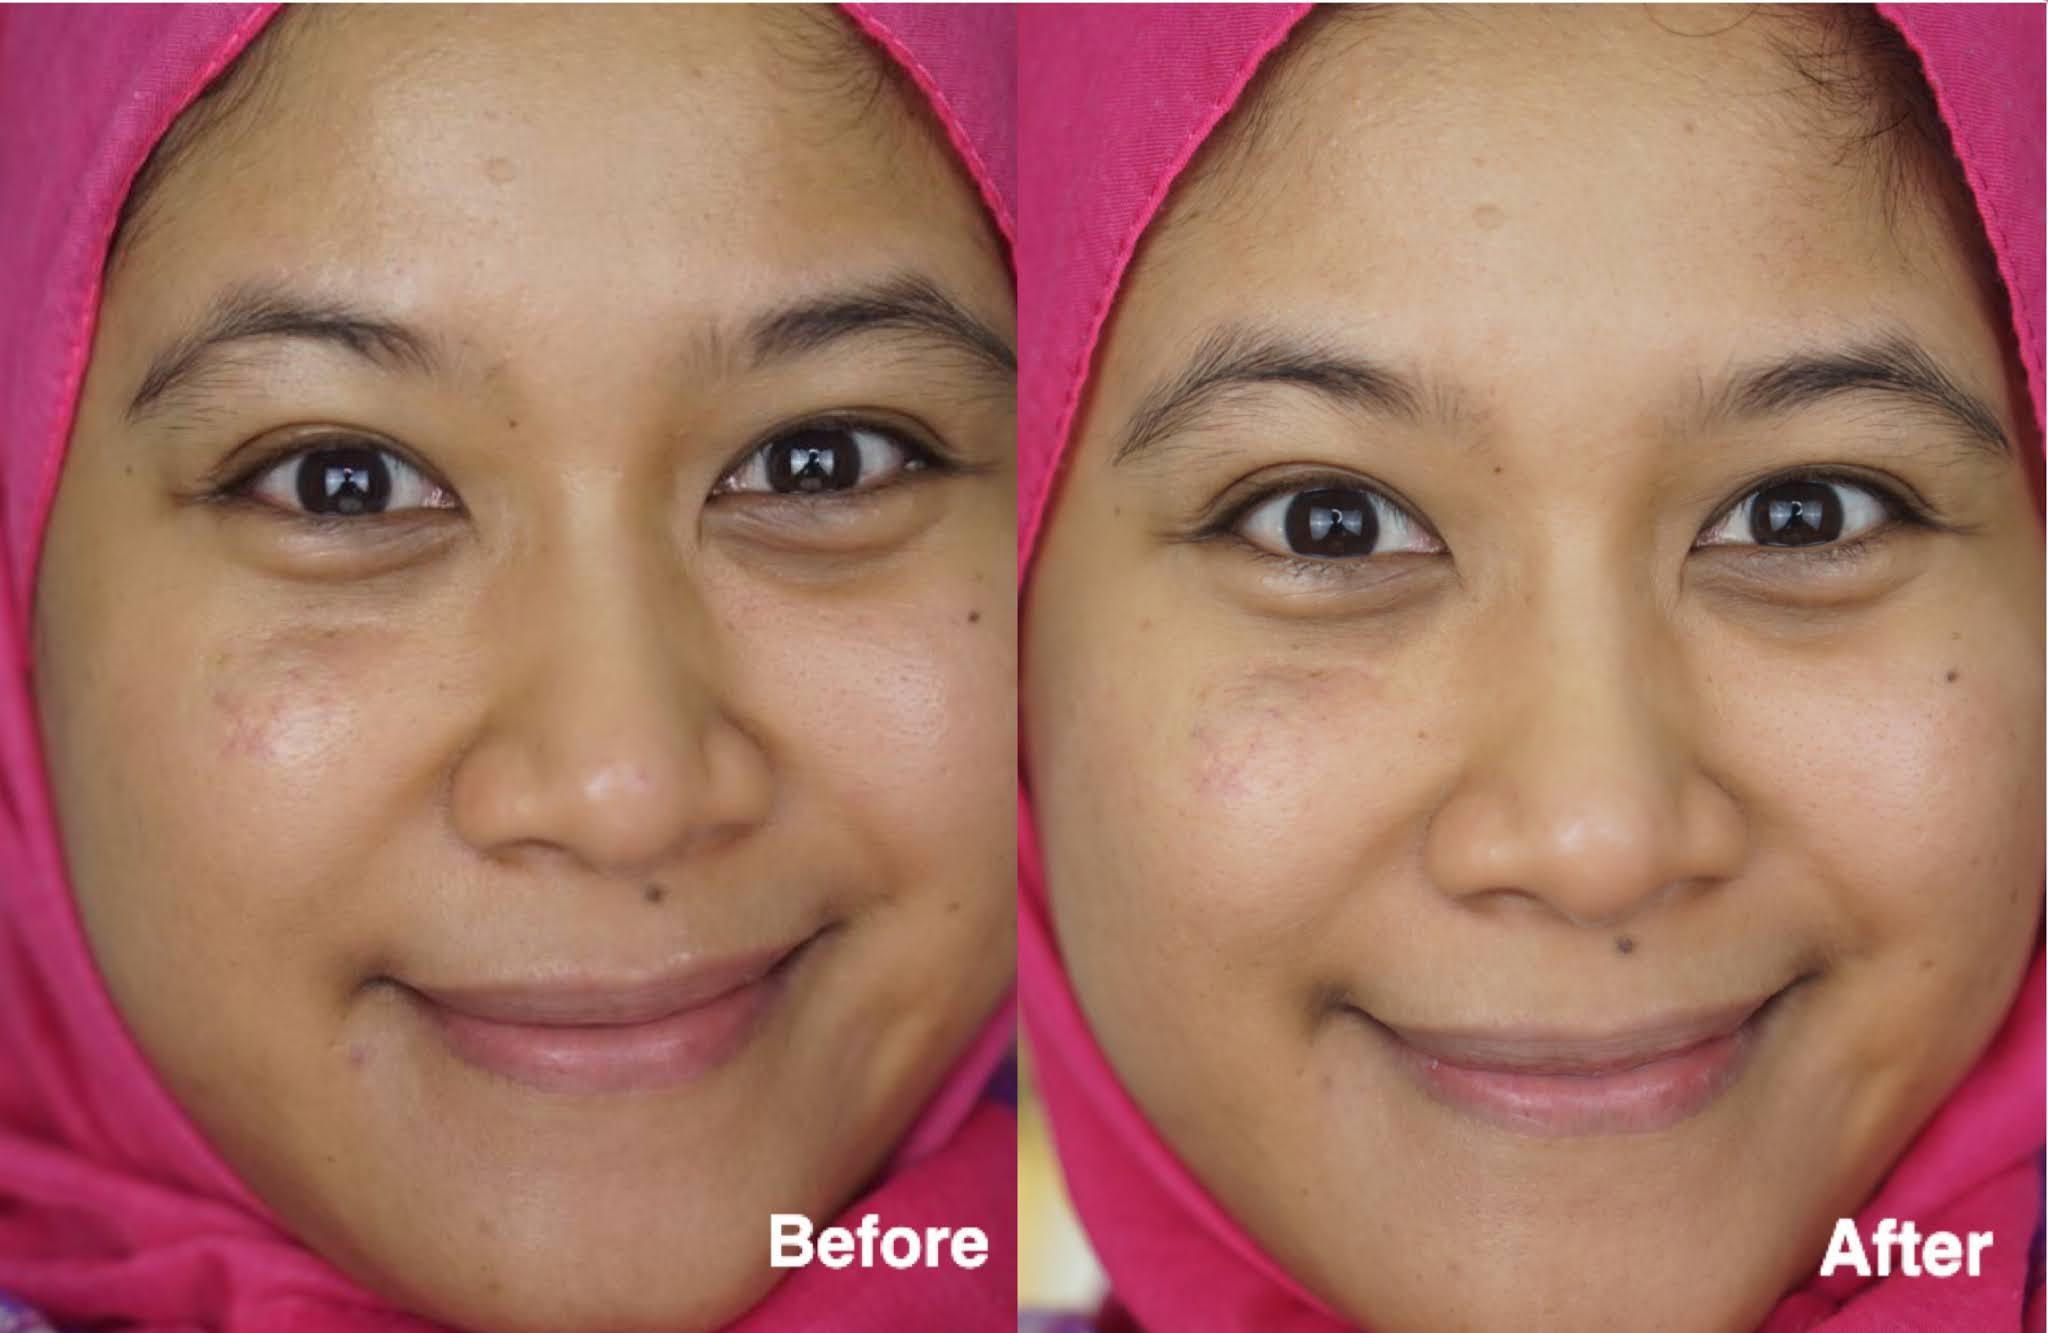 Avoskin Your Skin Bae Niacinamide 7% + Alpha Arbutin 1% + Kale dan Marine Collagen 10% + Ginseng Root